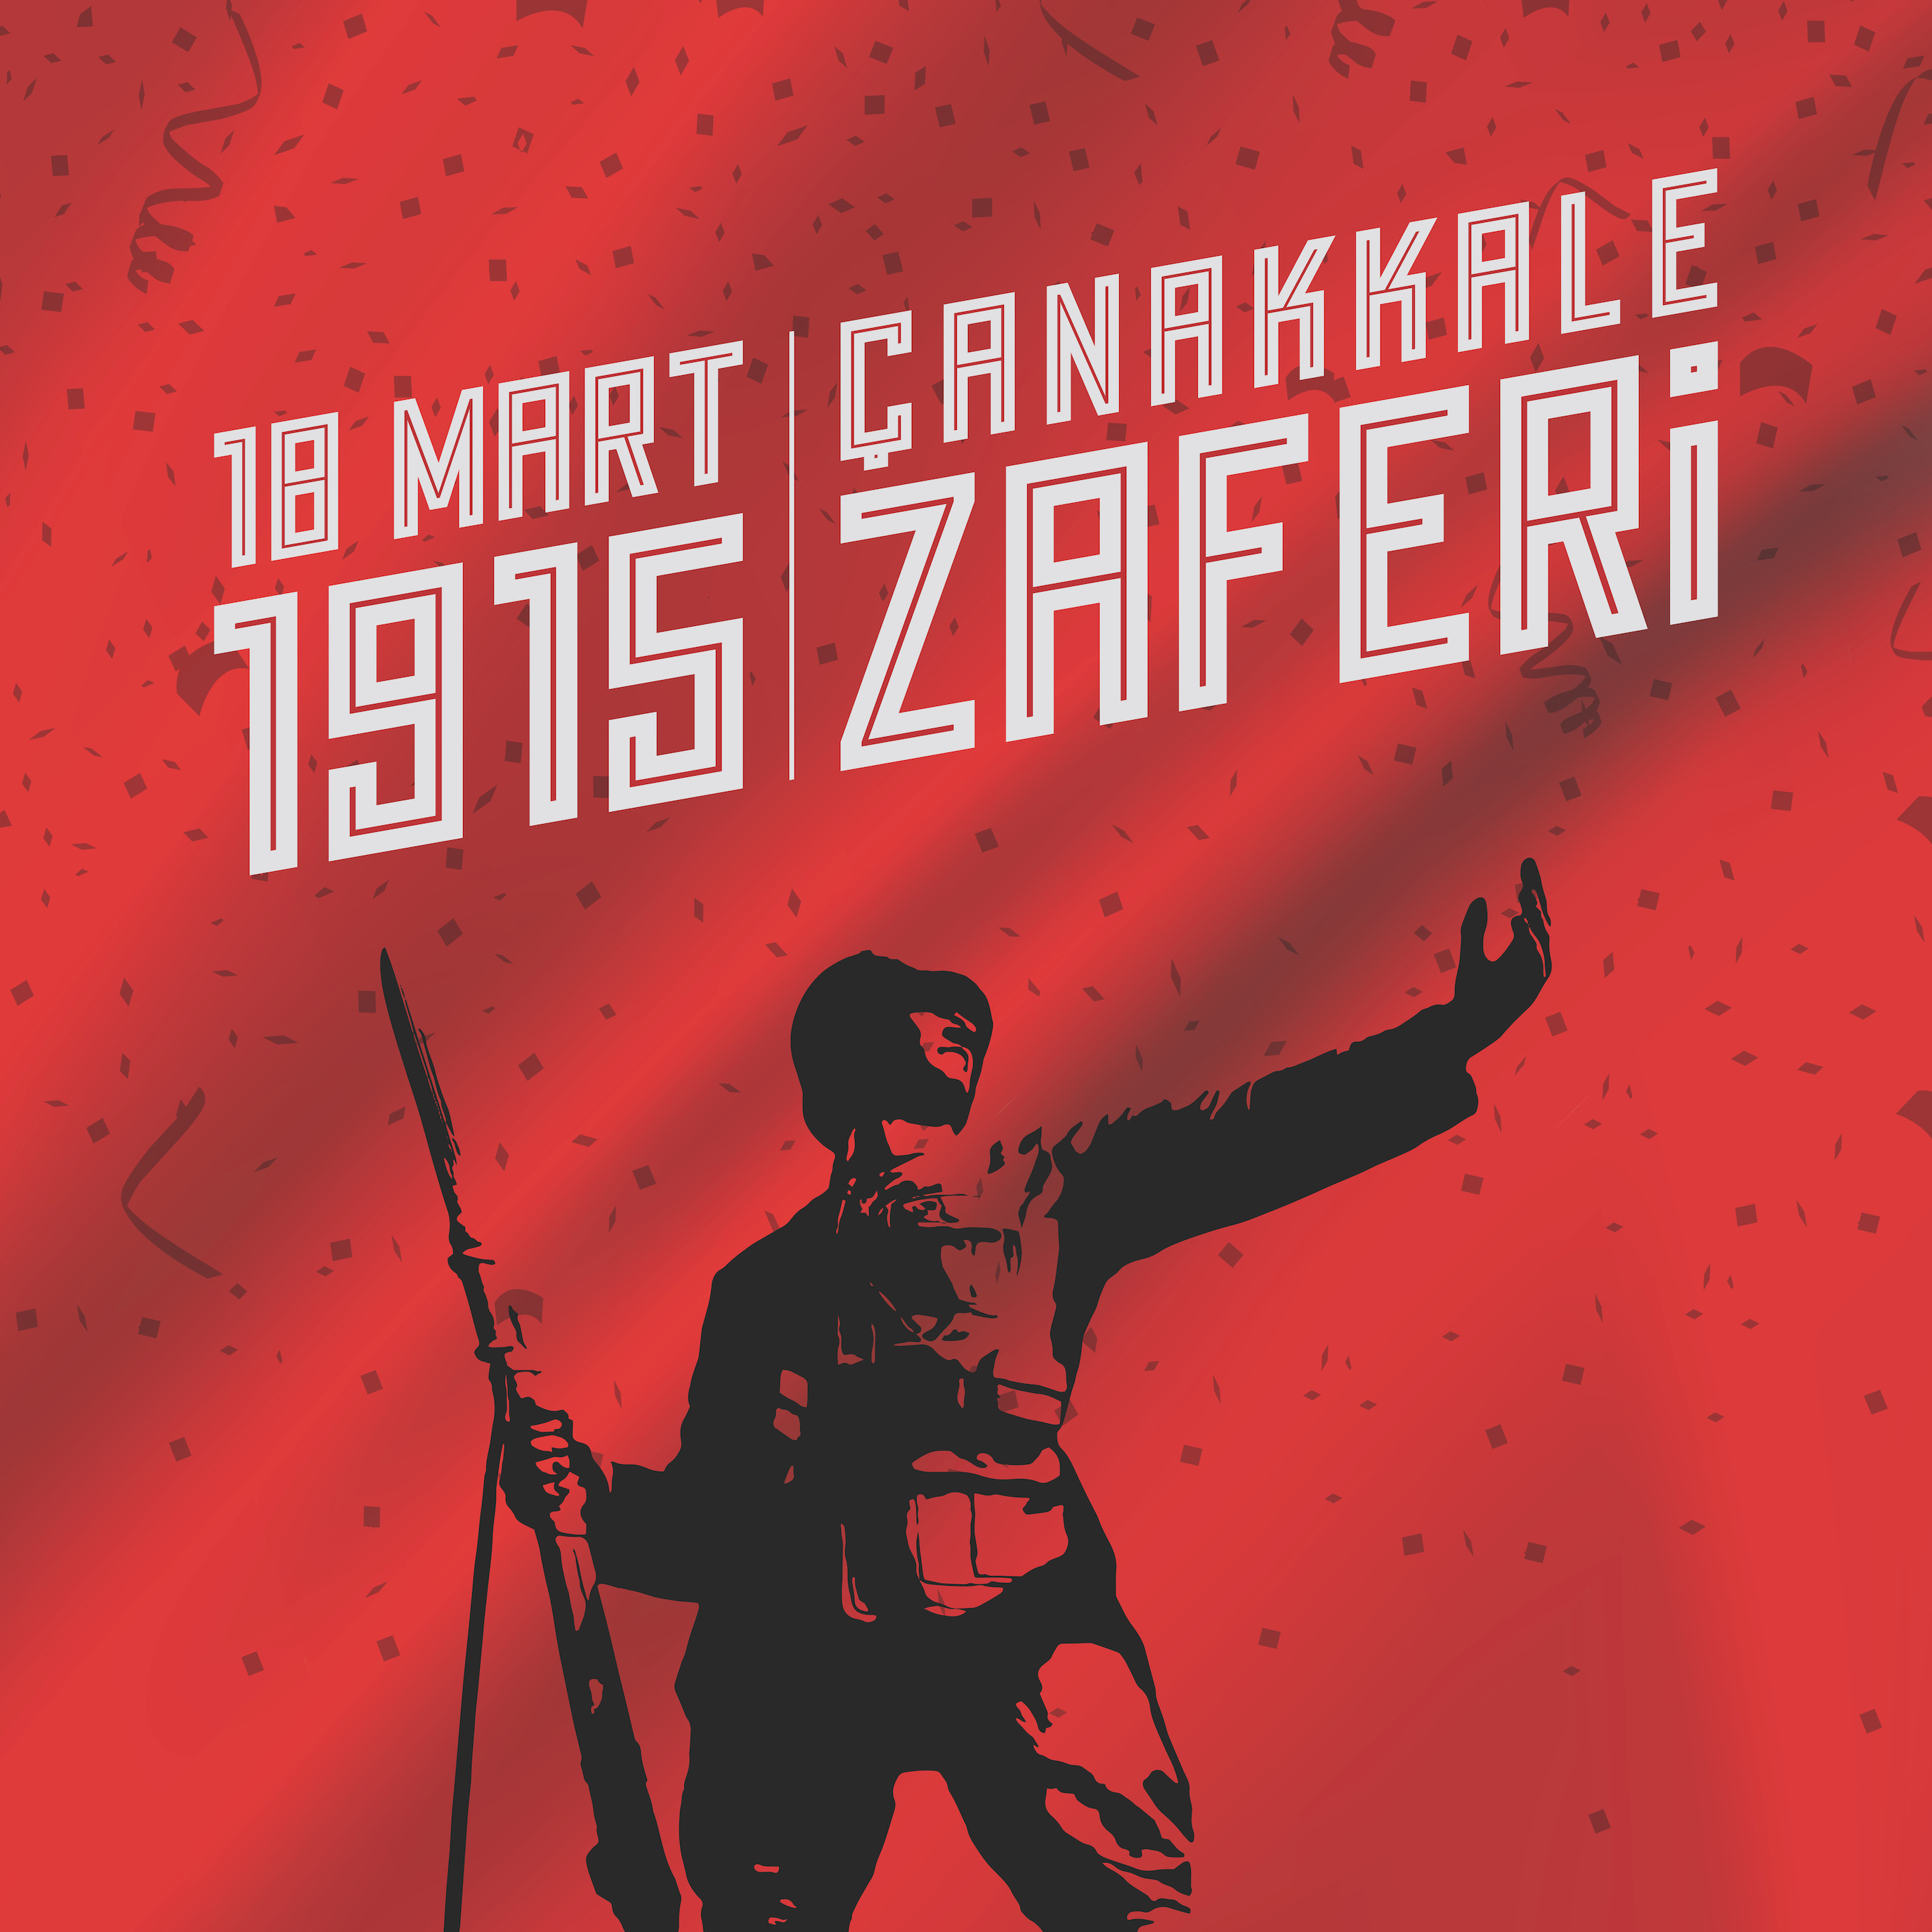 18 mars Victoire de Canakkale decoration murale